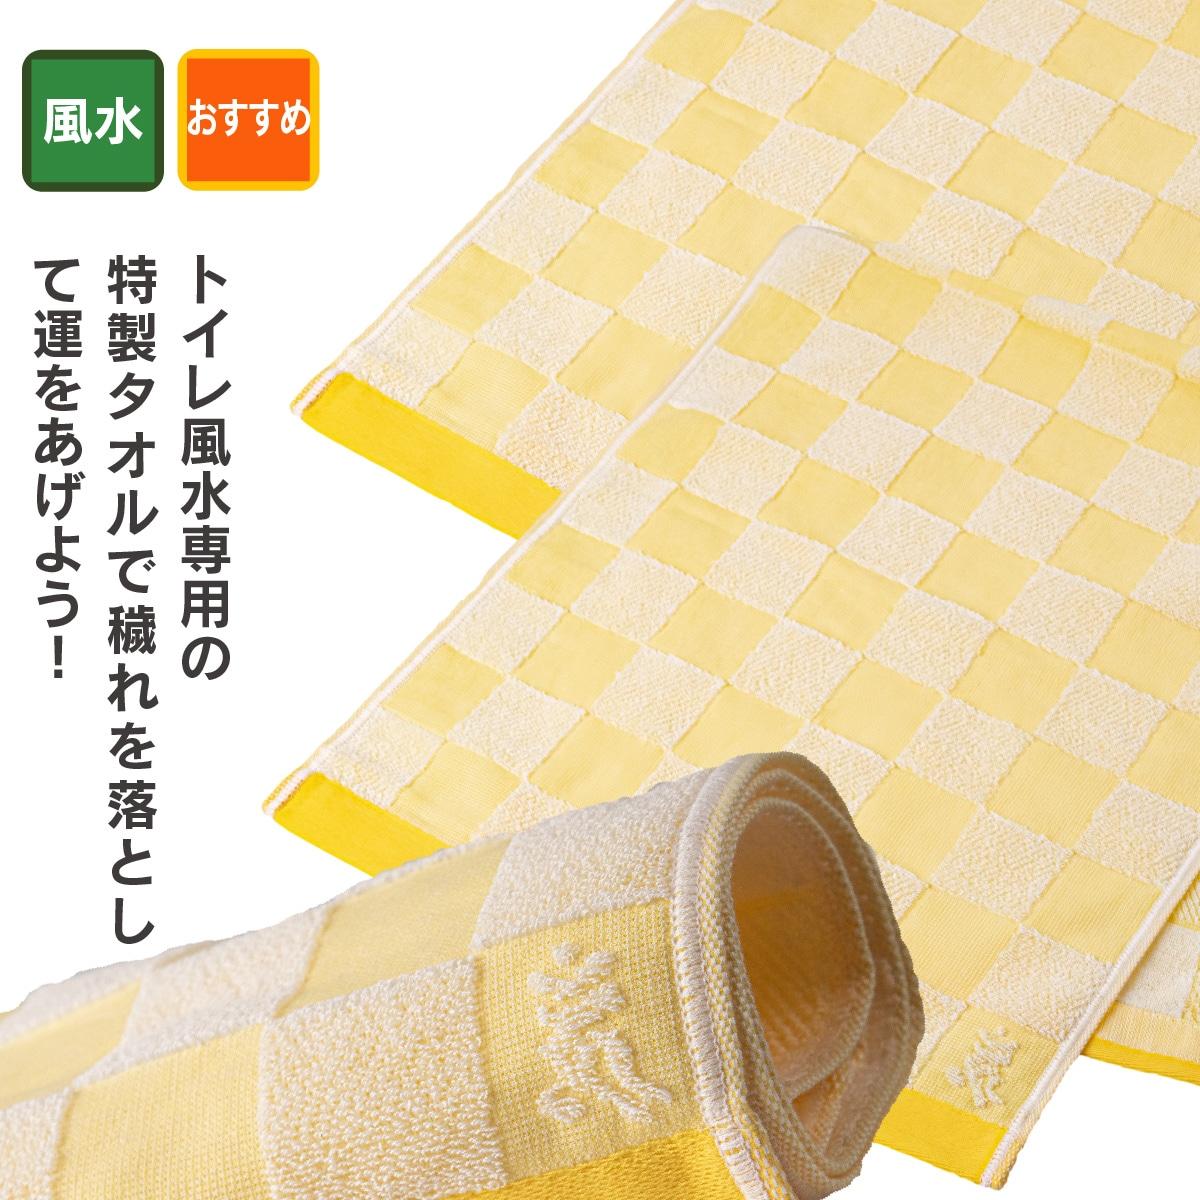 金運招来タオル『トイレの神様』(3枚組) 開運グッズ